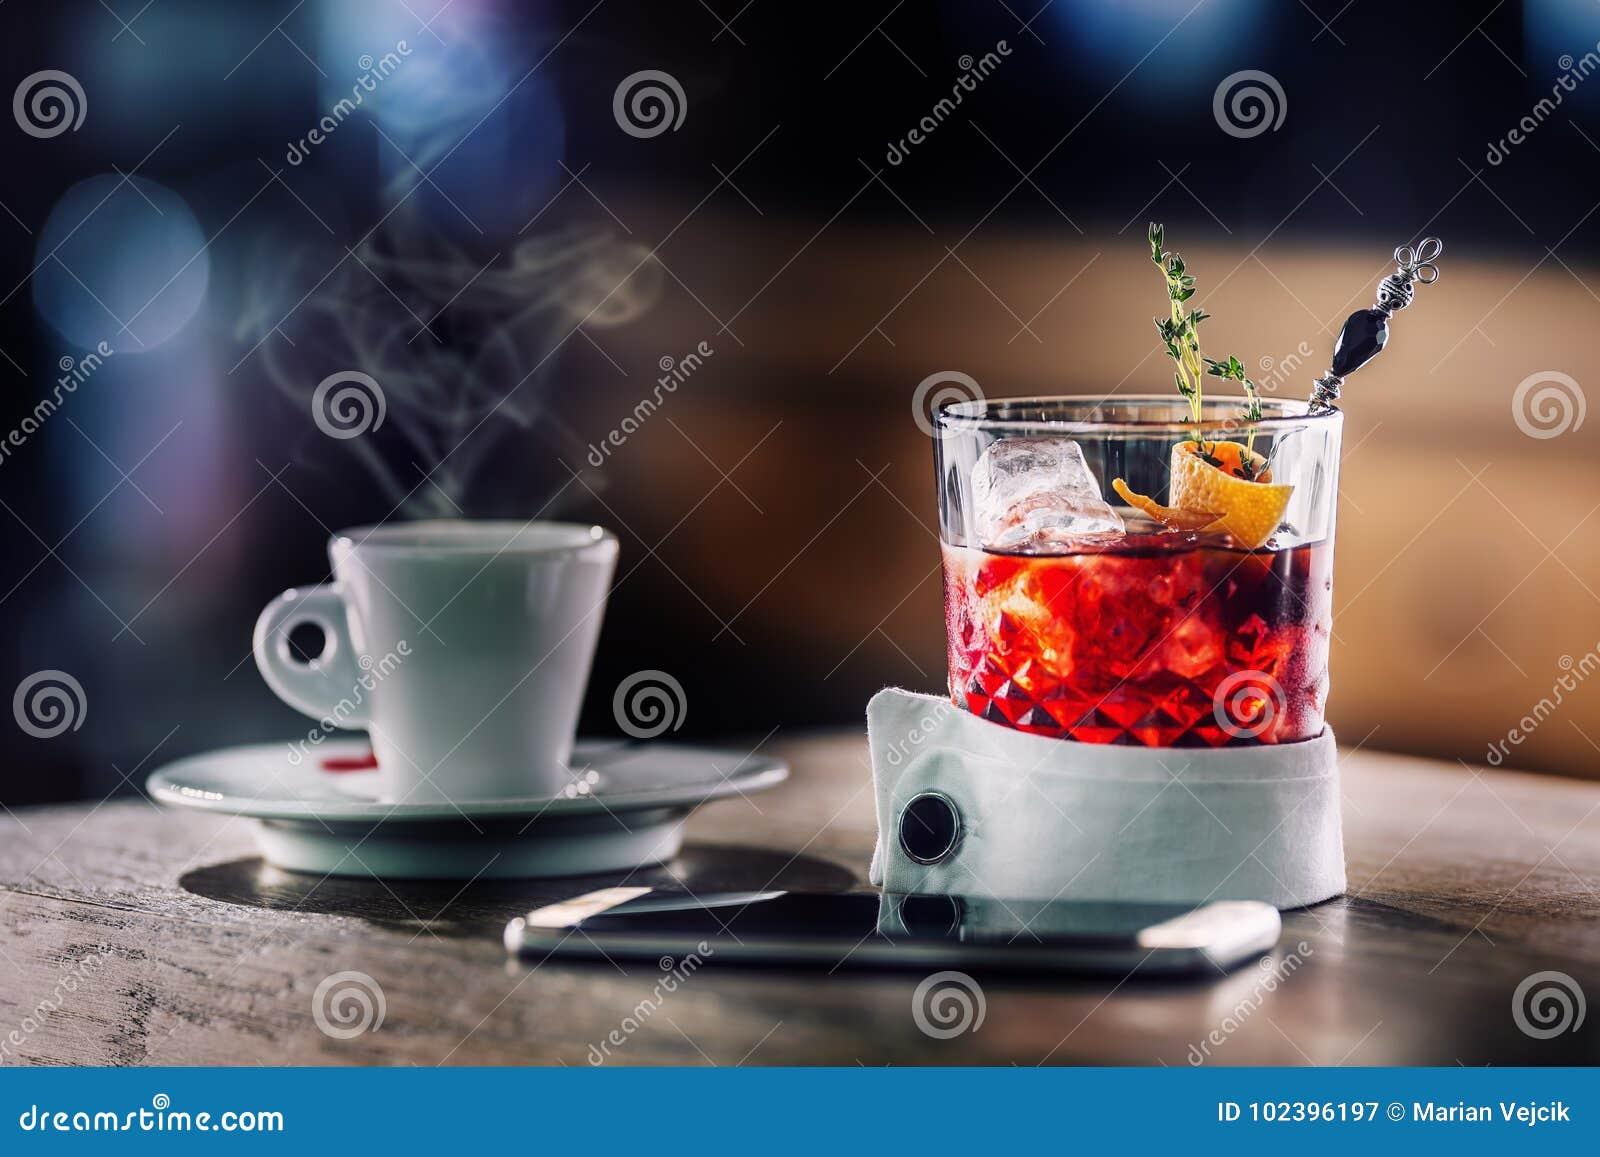 Χυμός κοκτέιλ με το φλιτζάνι του καφέ και το smartphone Οινοπνευματώδες, μη οινοπνευματούχο ποτό-ποτό στο μετρητή φραγμών στο μπα